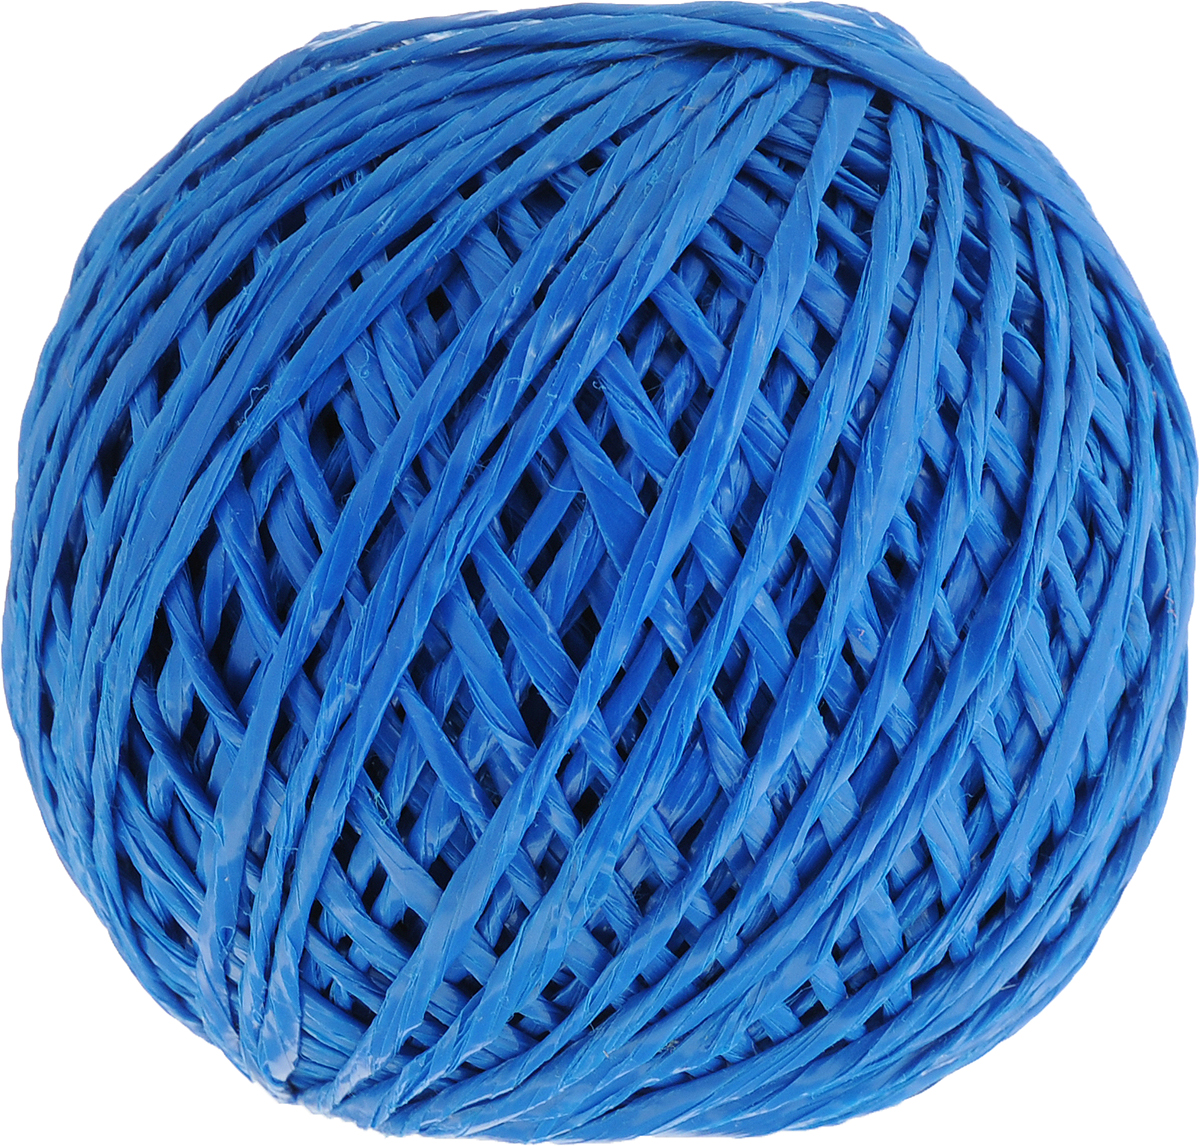 Шпагат Шнурком, цвет: синий, длина 100 мШпп_100_синийПолипропиленовый шпагат Шнурком плотностью 1000 текс входит в категорию веревочной продукции, сырьем для которой являются синтетические волокна, в частности полипропиленовая нить. Данный материал характеризуется высокой прочностью и стойкостью к износу. Кроме того, он эластичен, гибок, не боится многократных изгибов, плотно облегает изделие при обвязке и легко завязывается в крепкие узлы.Относительная удельная плотность полипропиленовых шпагатов варьируется от 0,70 до 0,91 кг/м3.Температура плавления от 150 до 170°C (в зависимости от вида и модели шпагата).Удлинение под предельной нагрузкой (18-20%). Длина шпагата: 100 м.Толщина нити: 2 мм.Линейная плотность шпагата: 1000 текс.